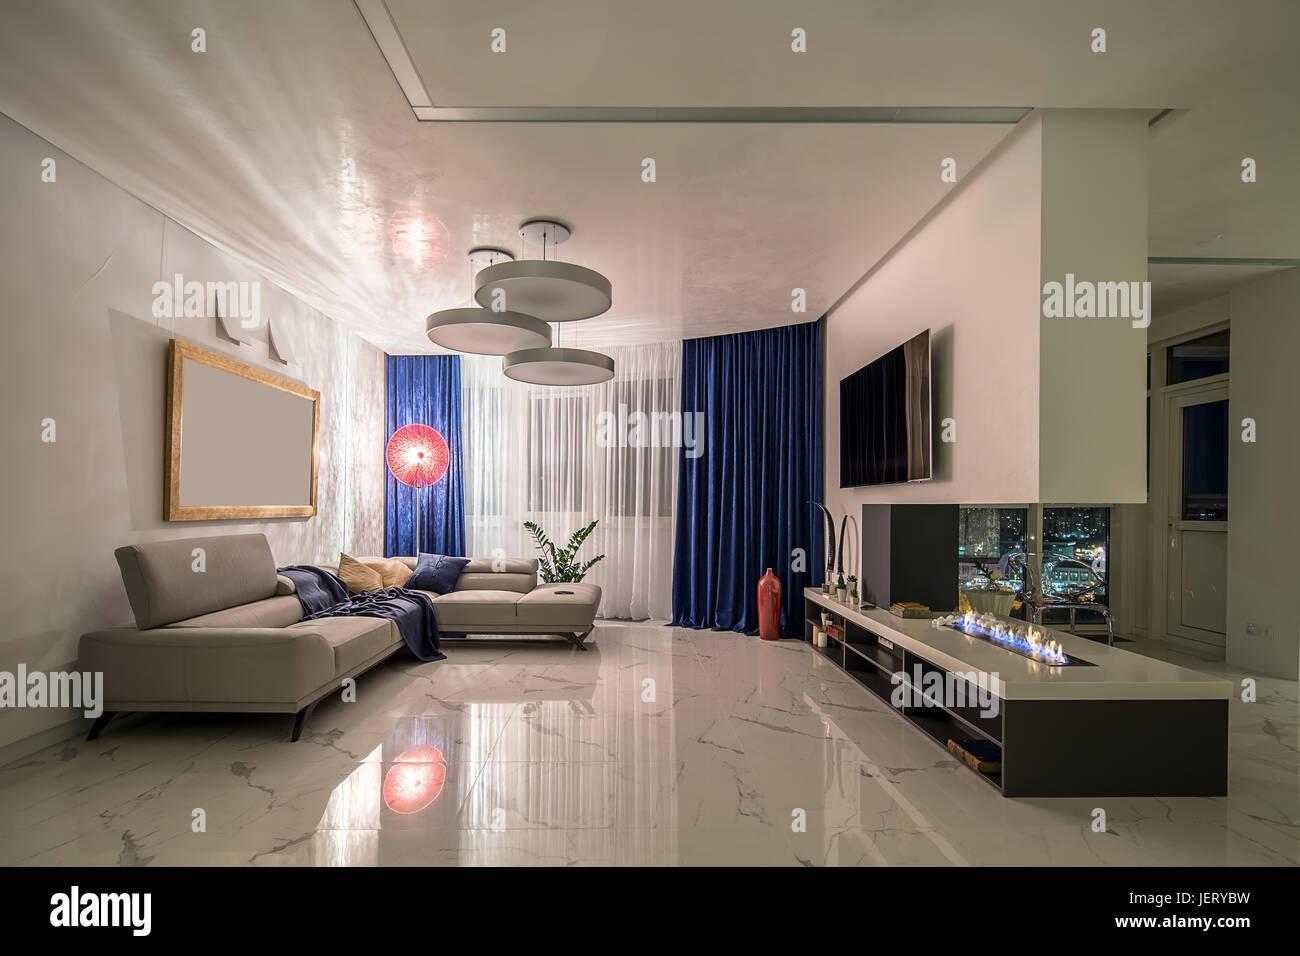 Zimmer in einem modernen Stil mit weißen Wänden und hellen ...